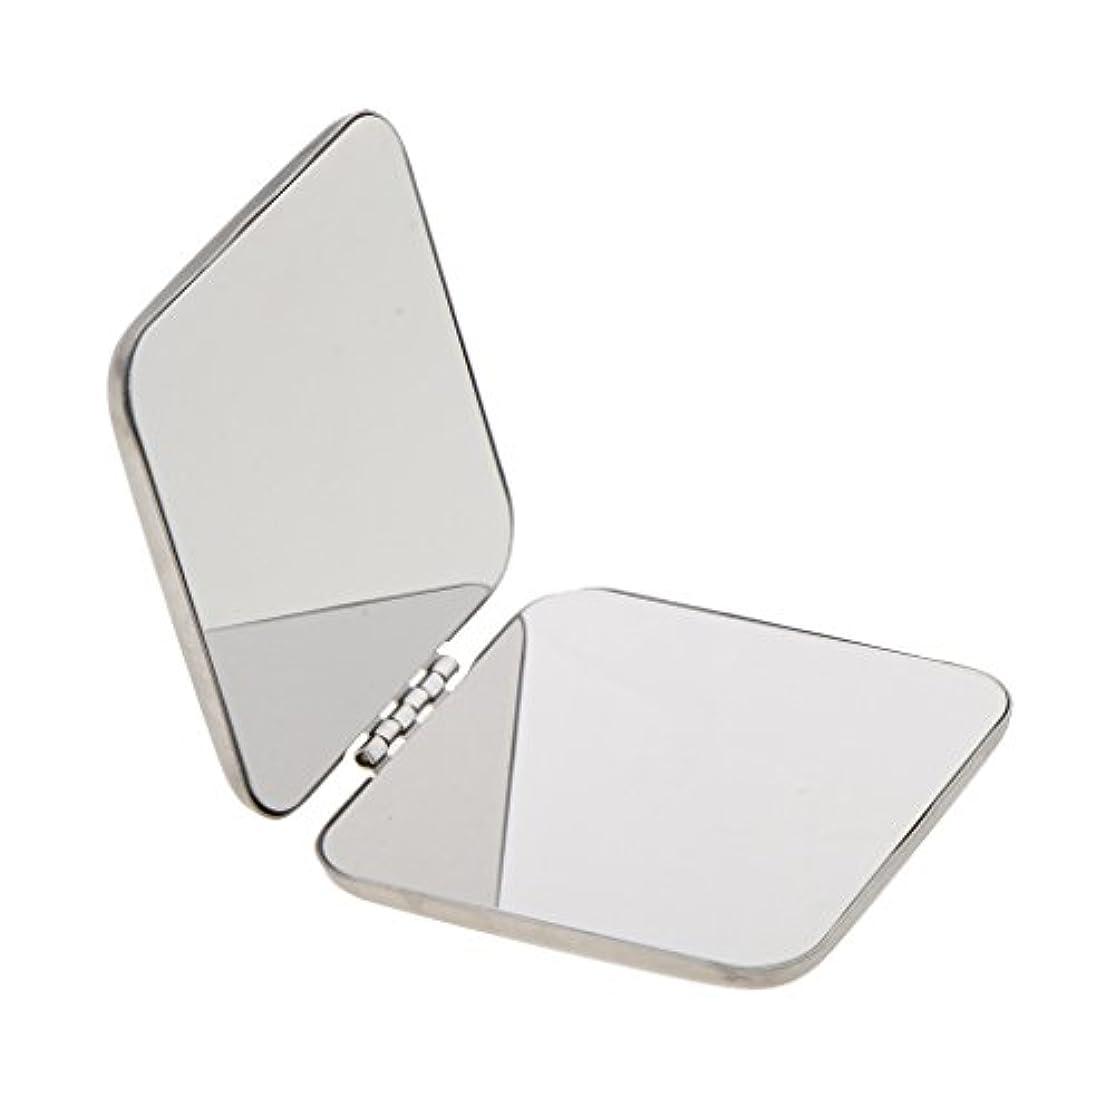 威信ダブル意外Kesoto ステンレス メイクミラー 拡大鏡 折りたたみ式 両面鏡 ミラー ステンレス製 持ち込み便利